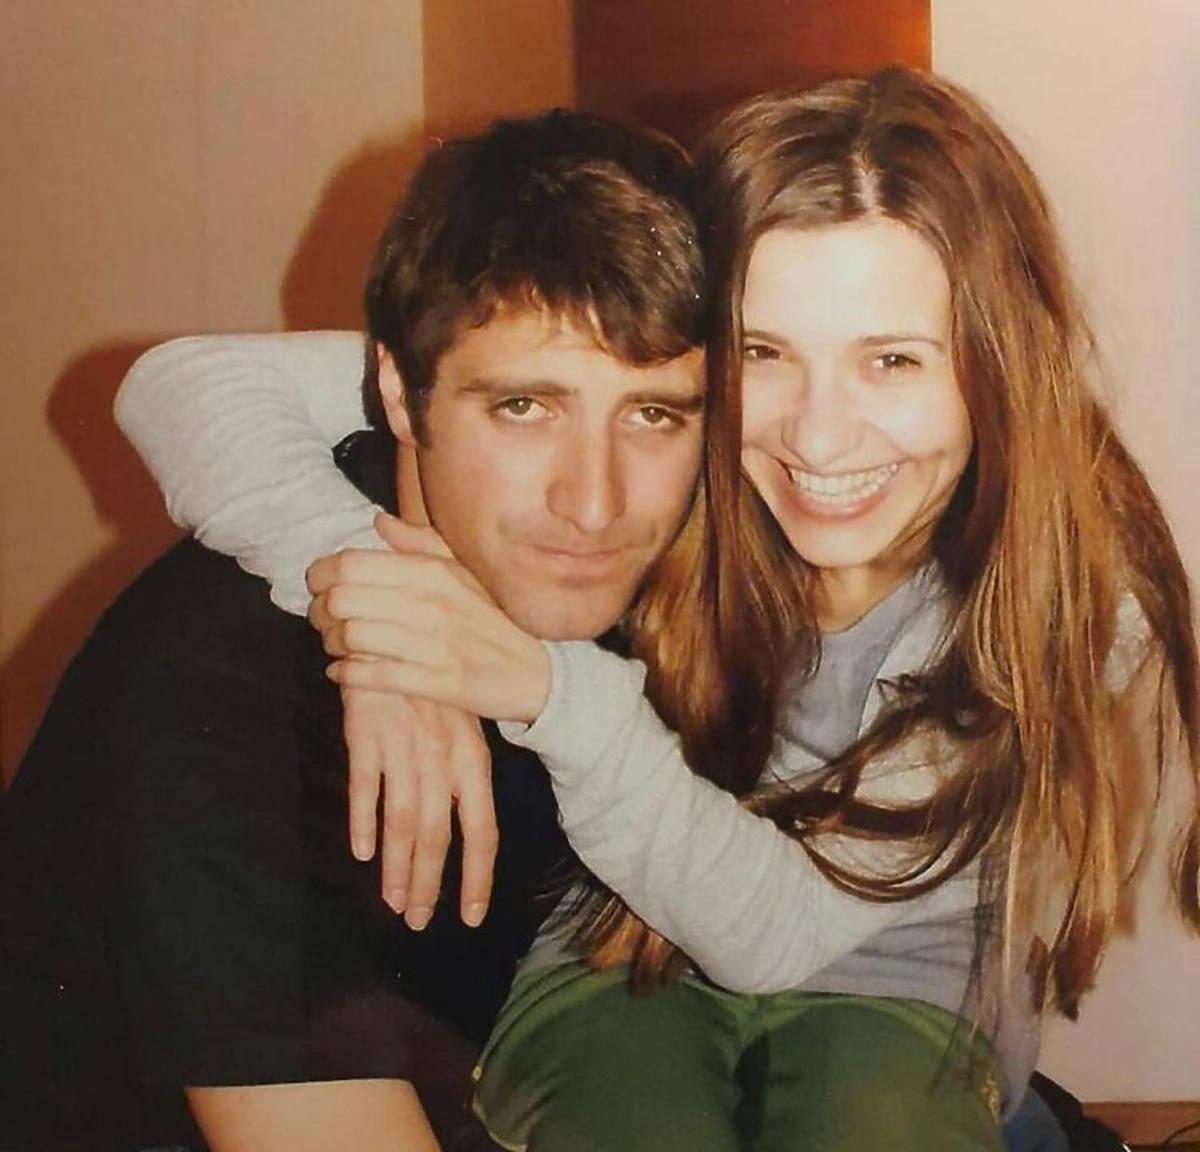 Joanna Koroniewska i Maciej Dowbor na dawnych zdjęciach w knajpie